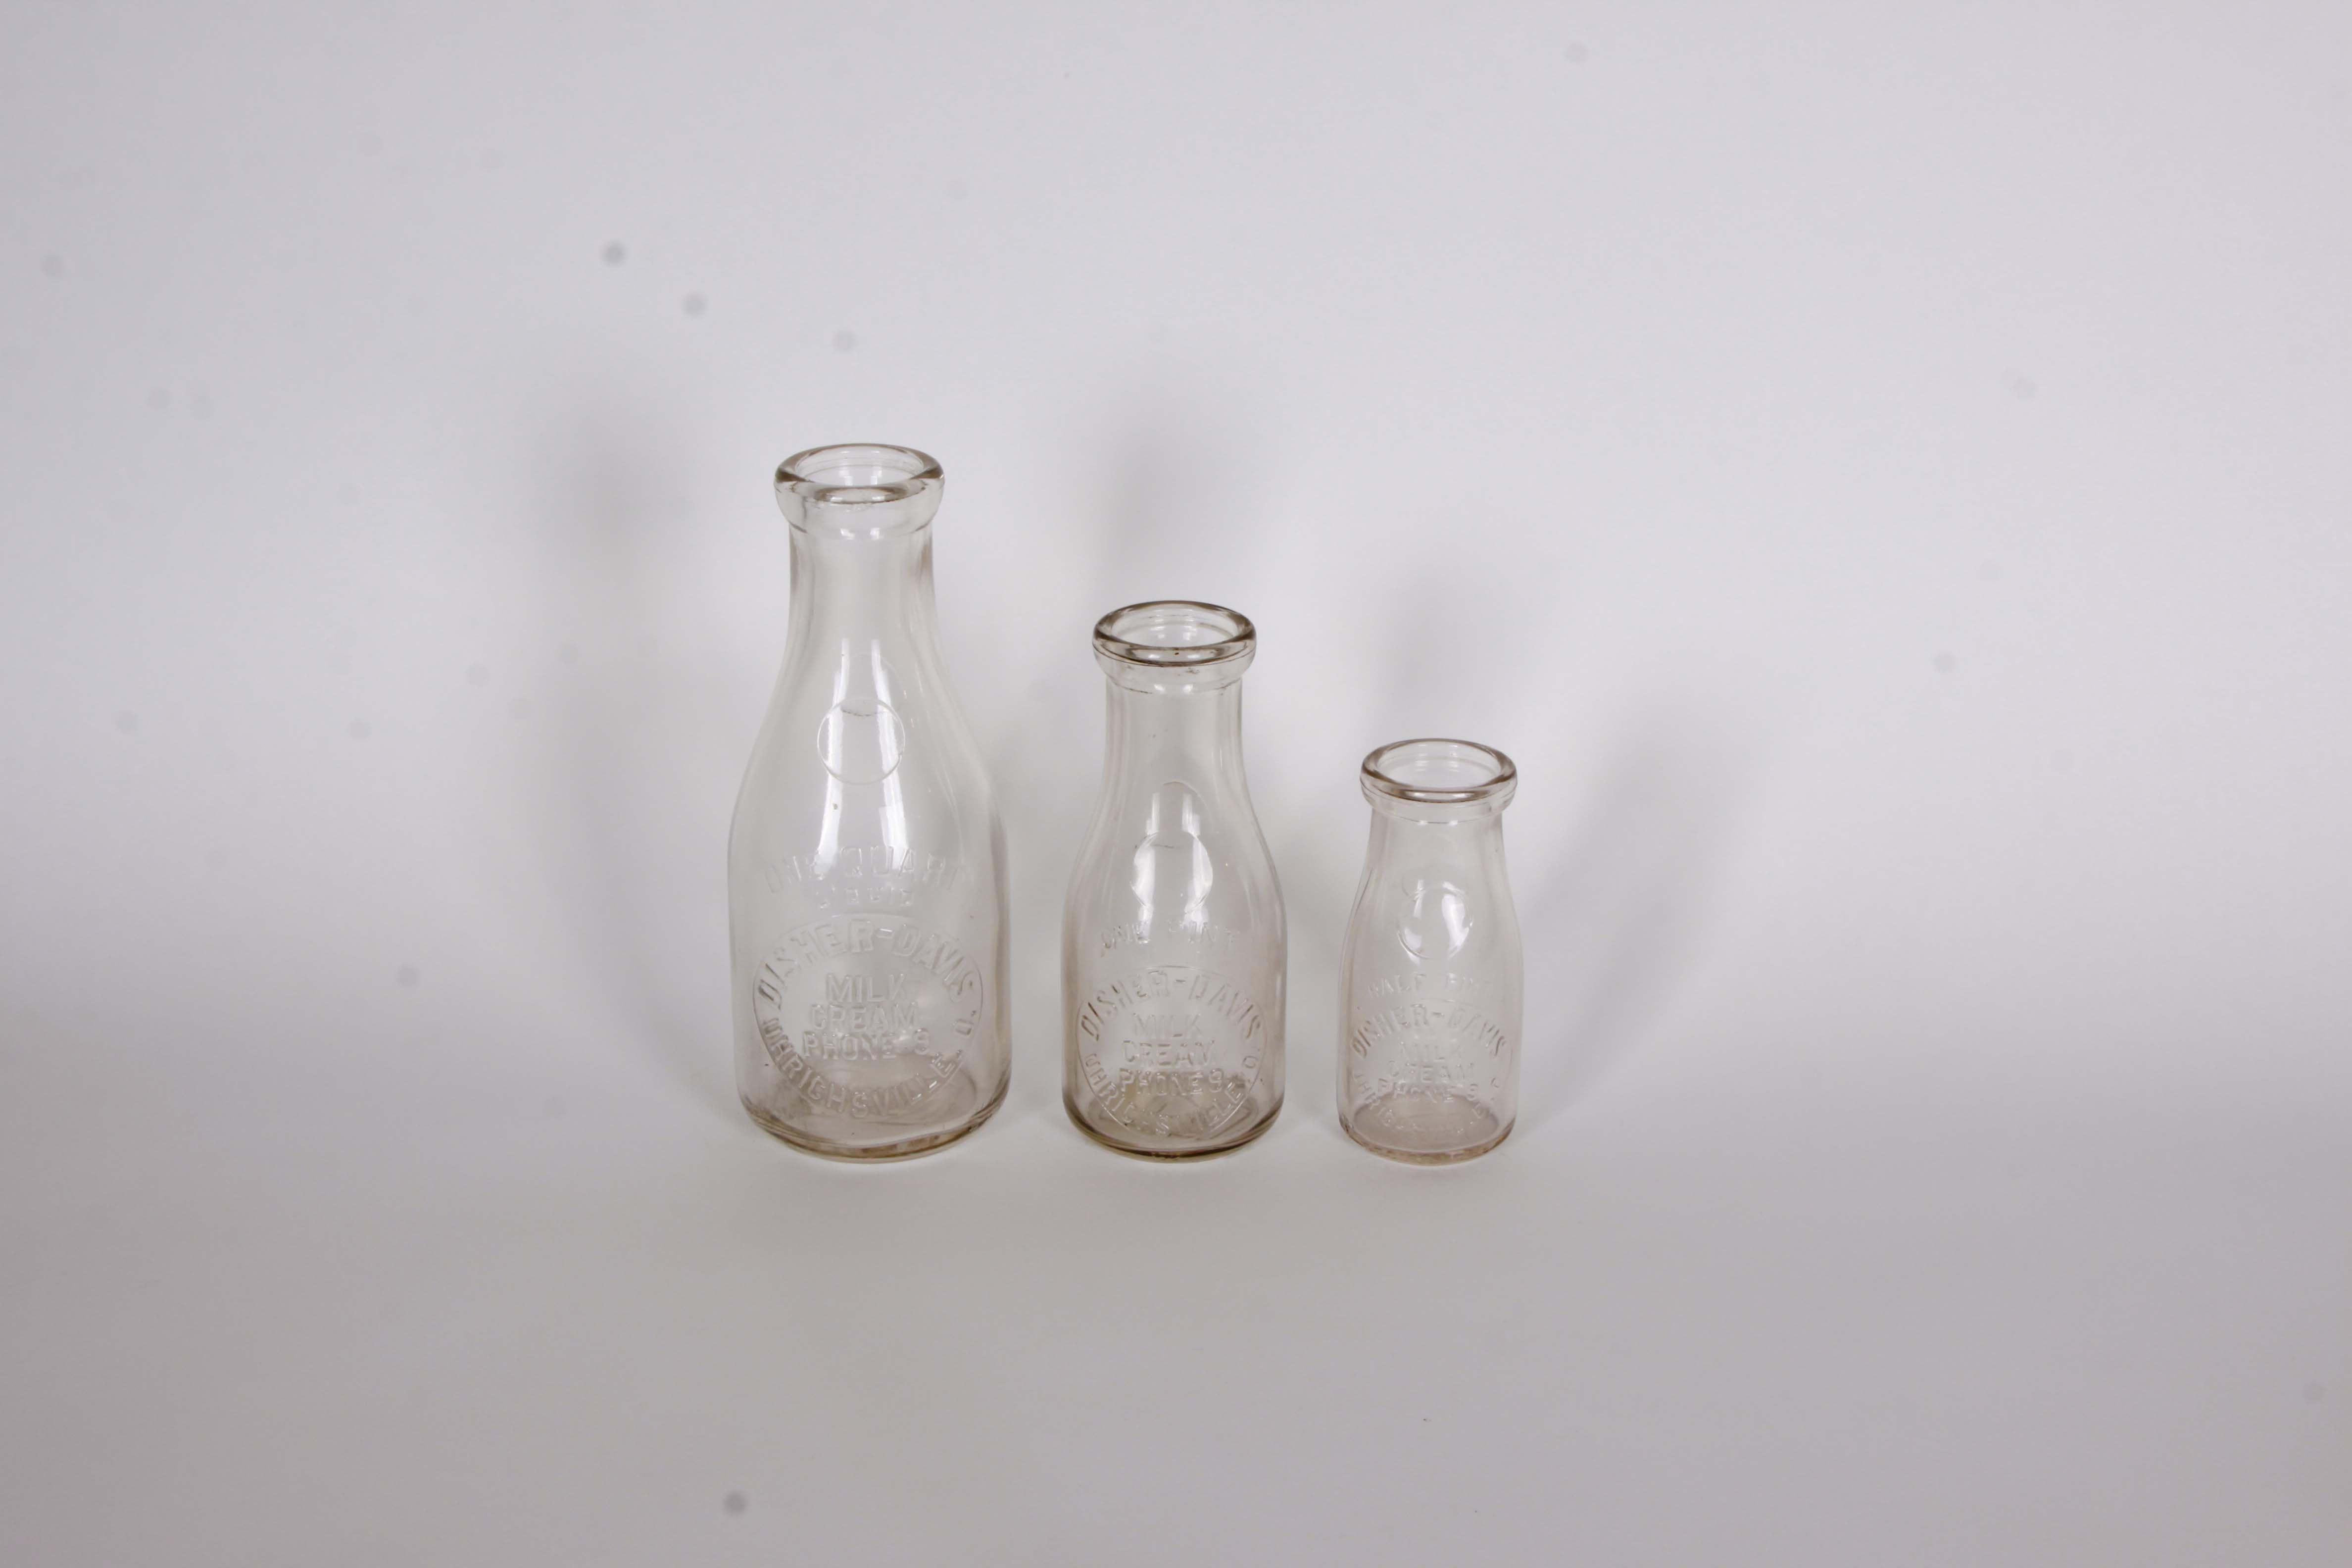 Disher Davis Milk Bottles from Urichsville, OH